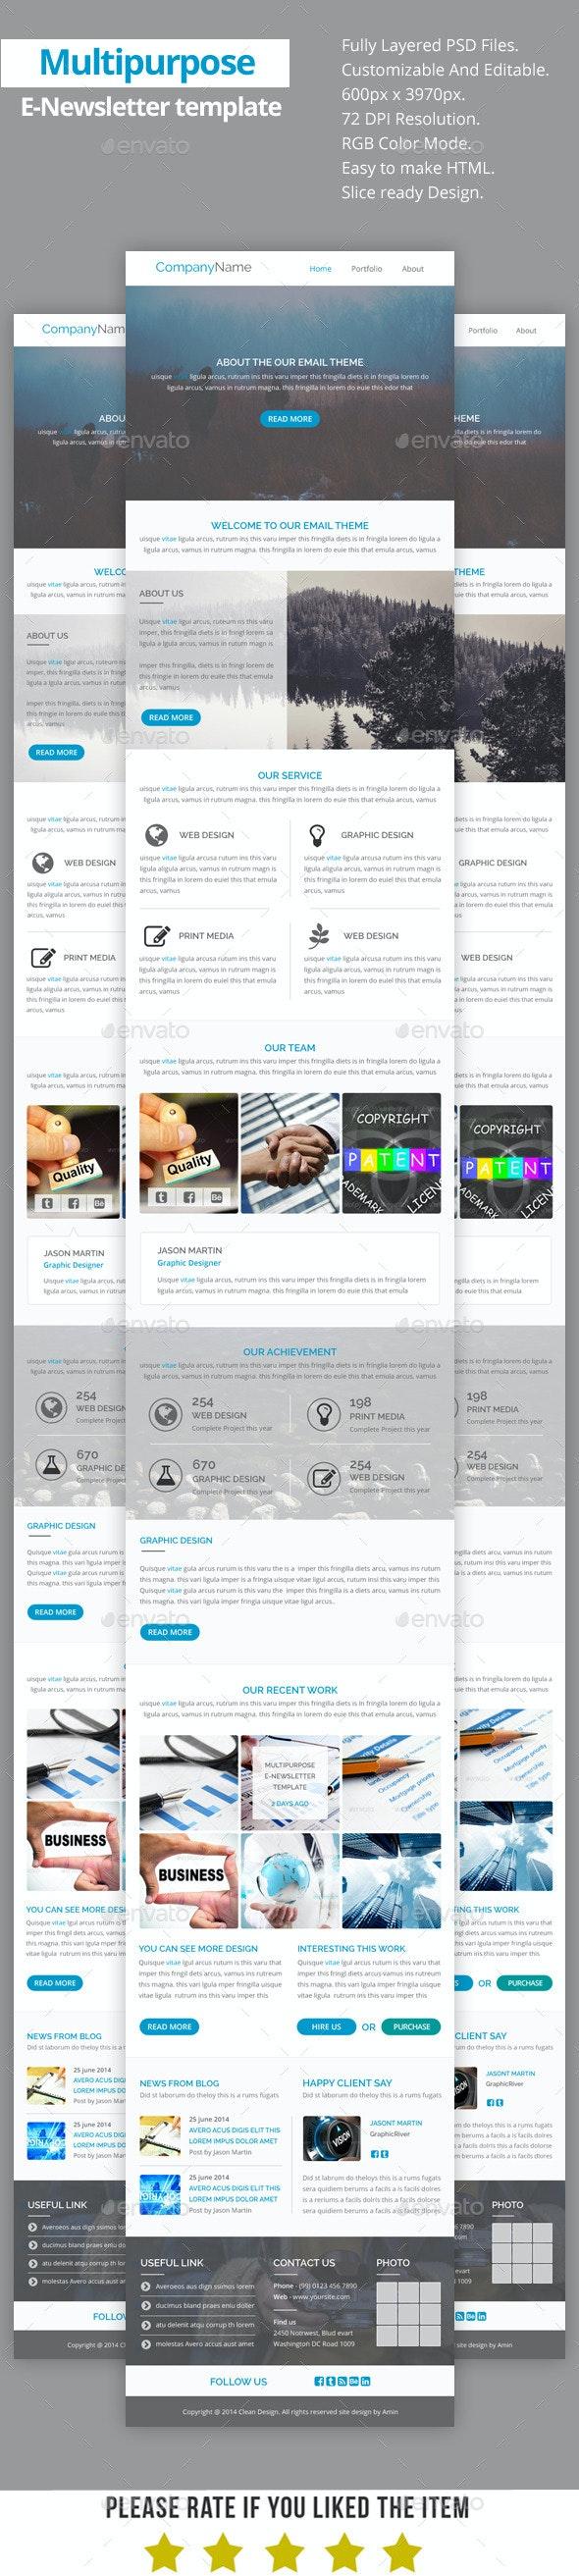 Multipurpose E-Newsletter Template V17